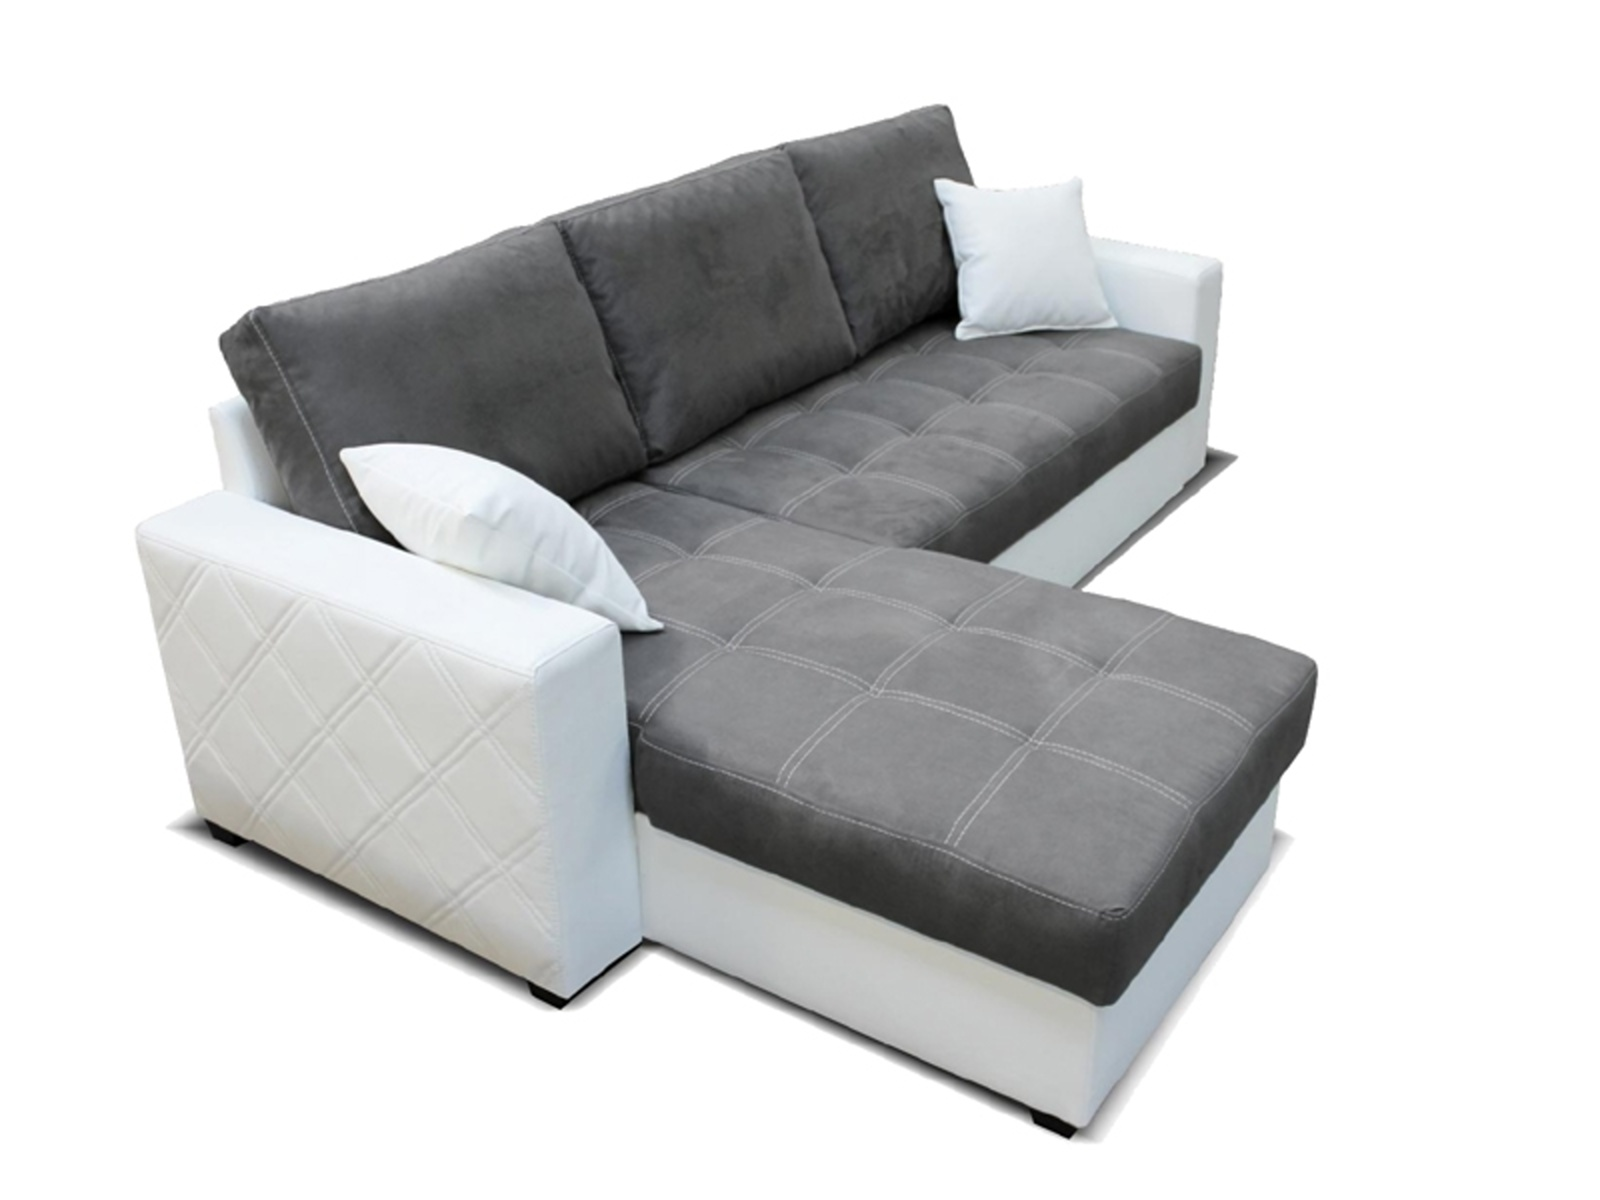 Aspol Rohová sedačka TERRA levá, šedá látka/bílá ekokůže